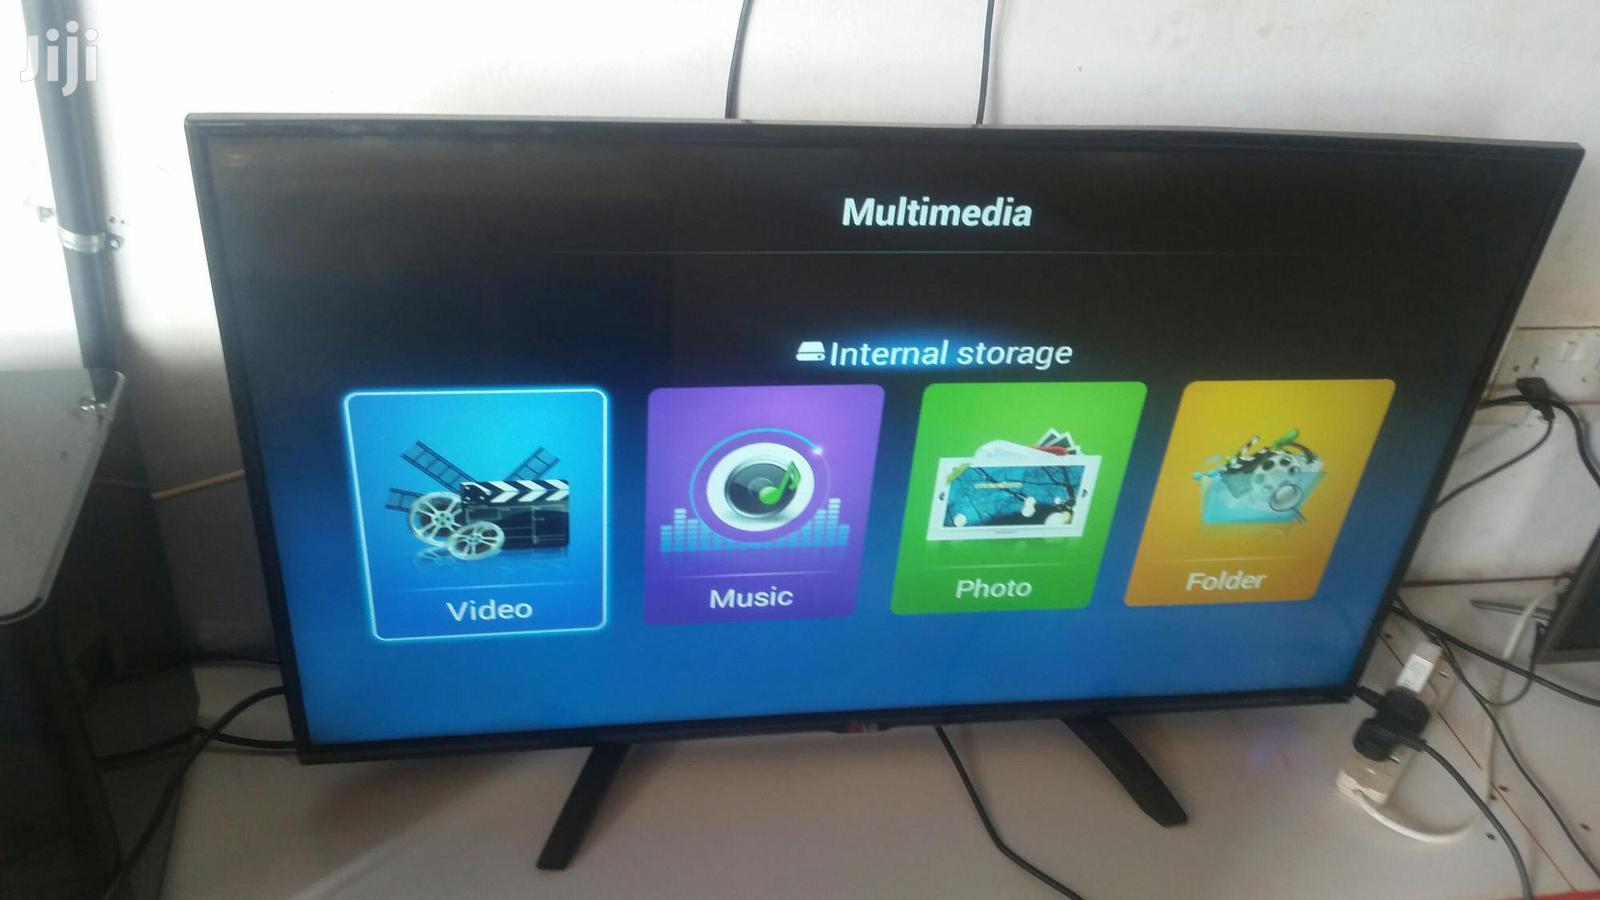 LG Led Flat Screen Tv 43 Inches